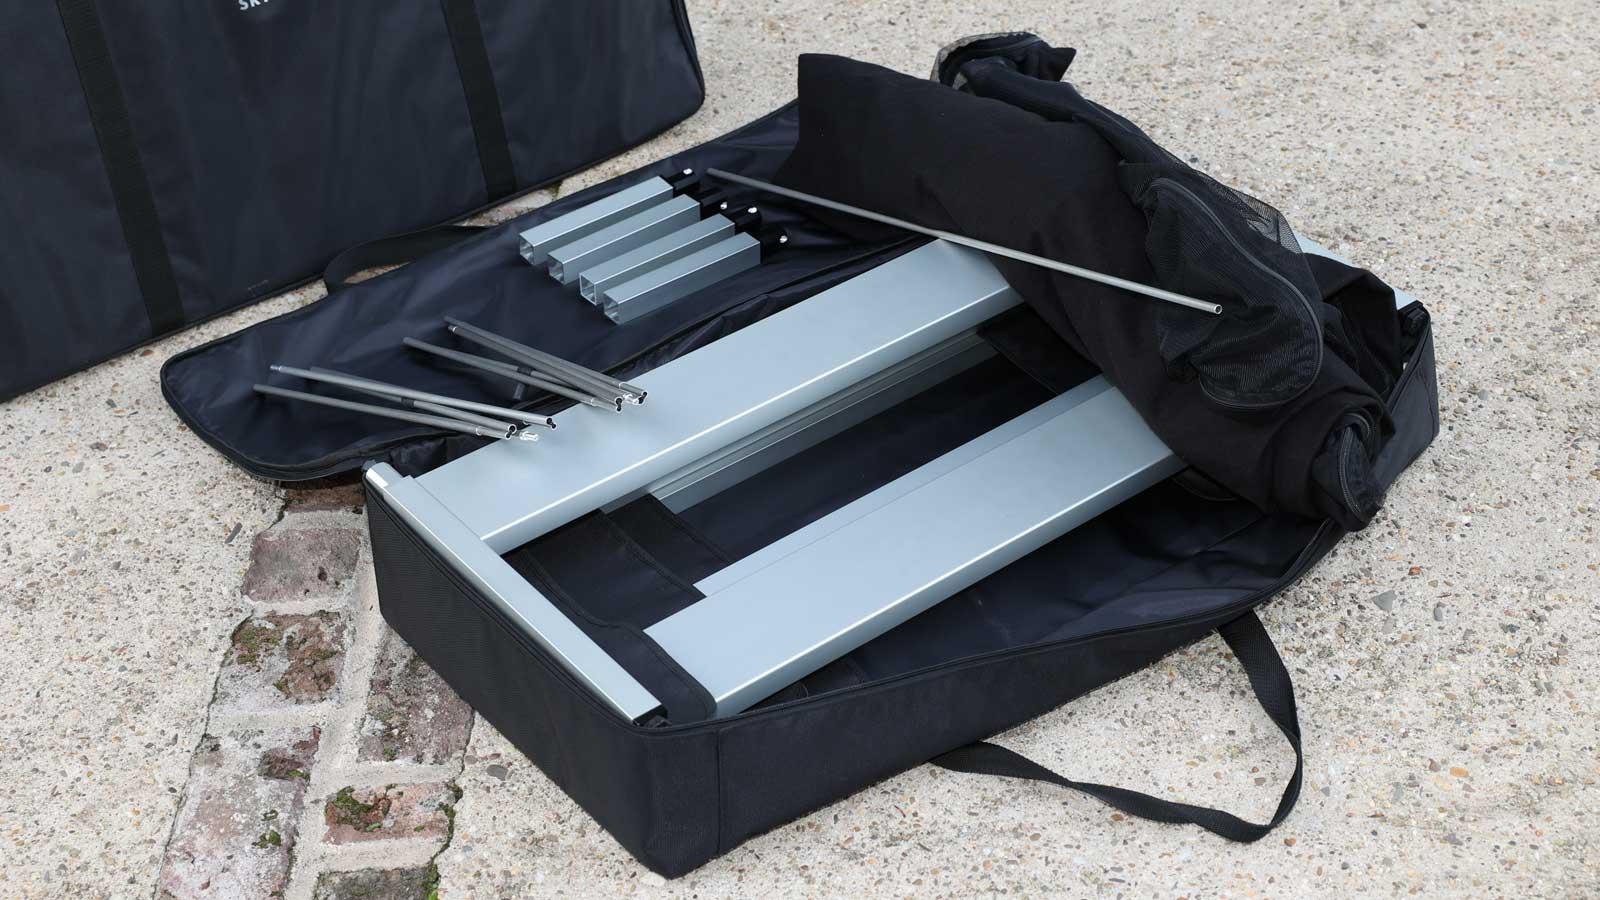 Blick in die Tasche des Outdoor-Bett SkyHeia: In der Transport-Tasche findet auch Zubehör wie der Mückenschutz Platz.